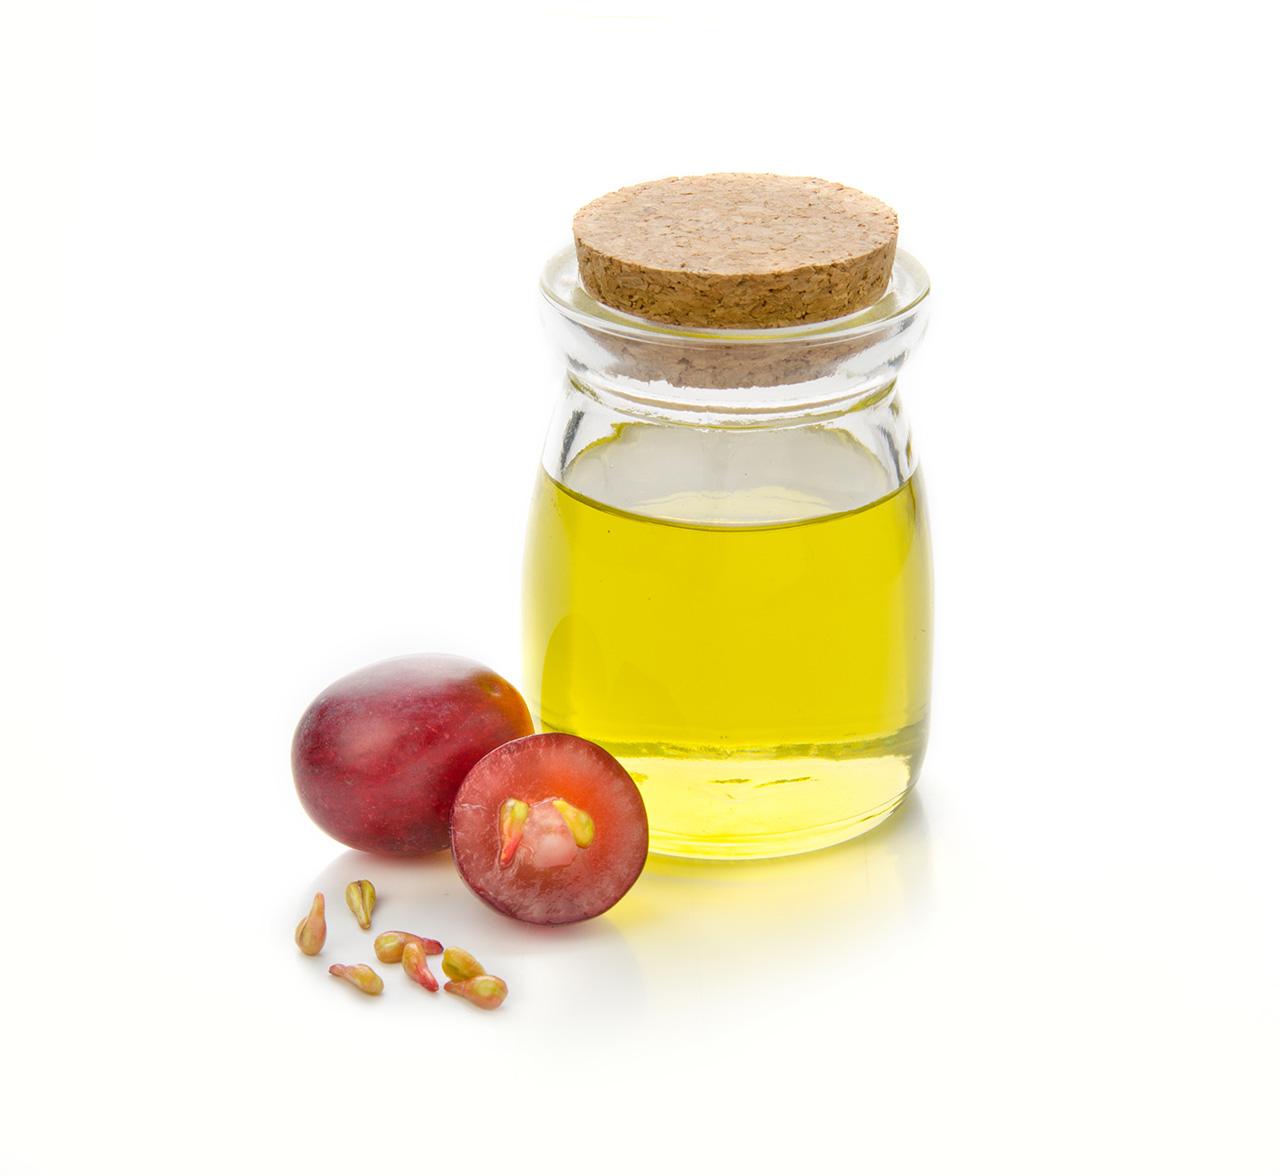 L'huile de pépin de raisin : la matière grasse bénéfique pour la sante